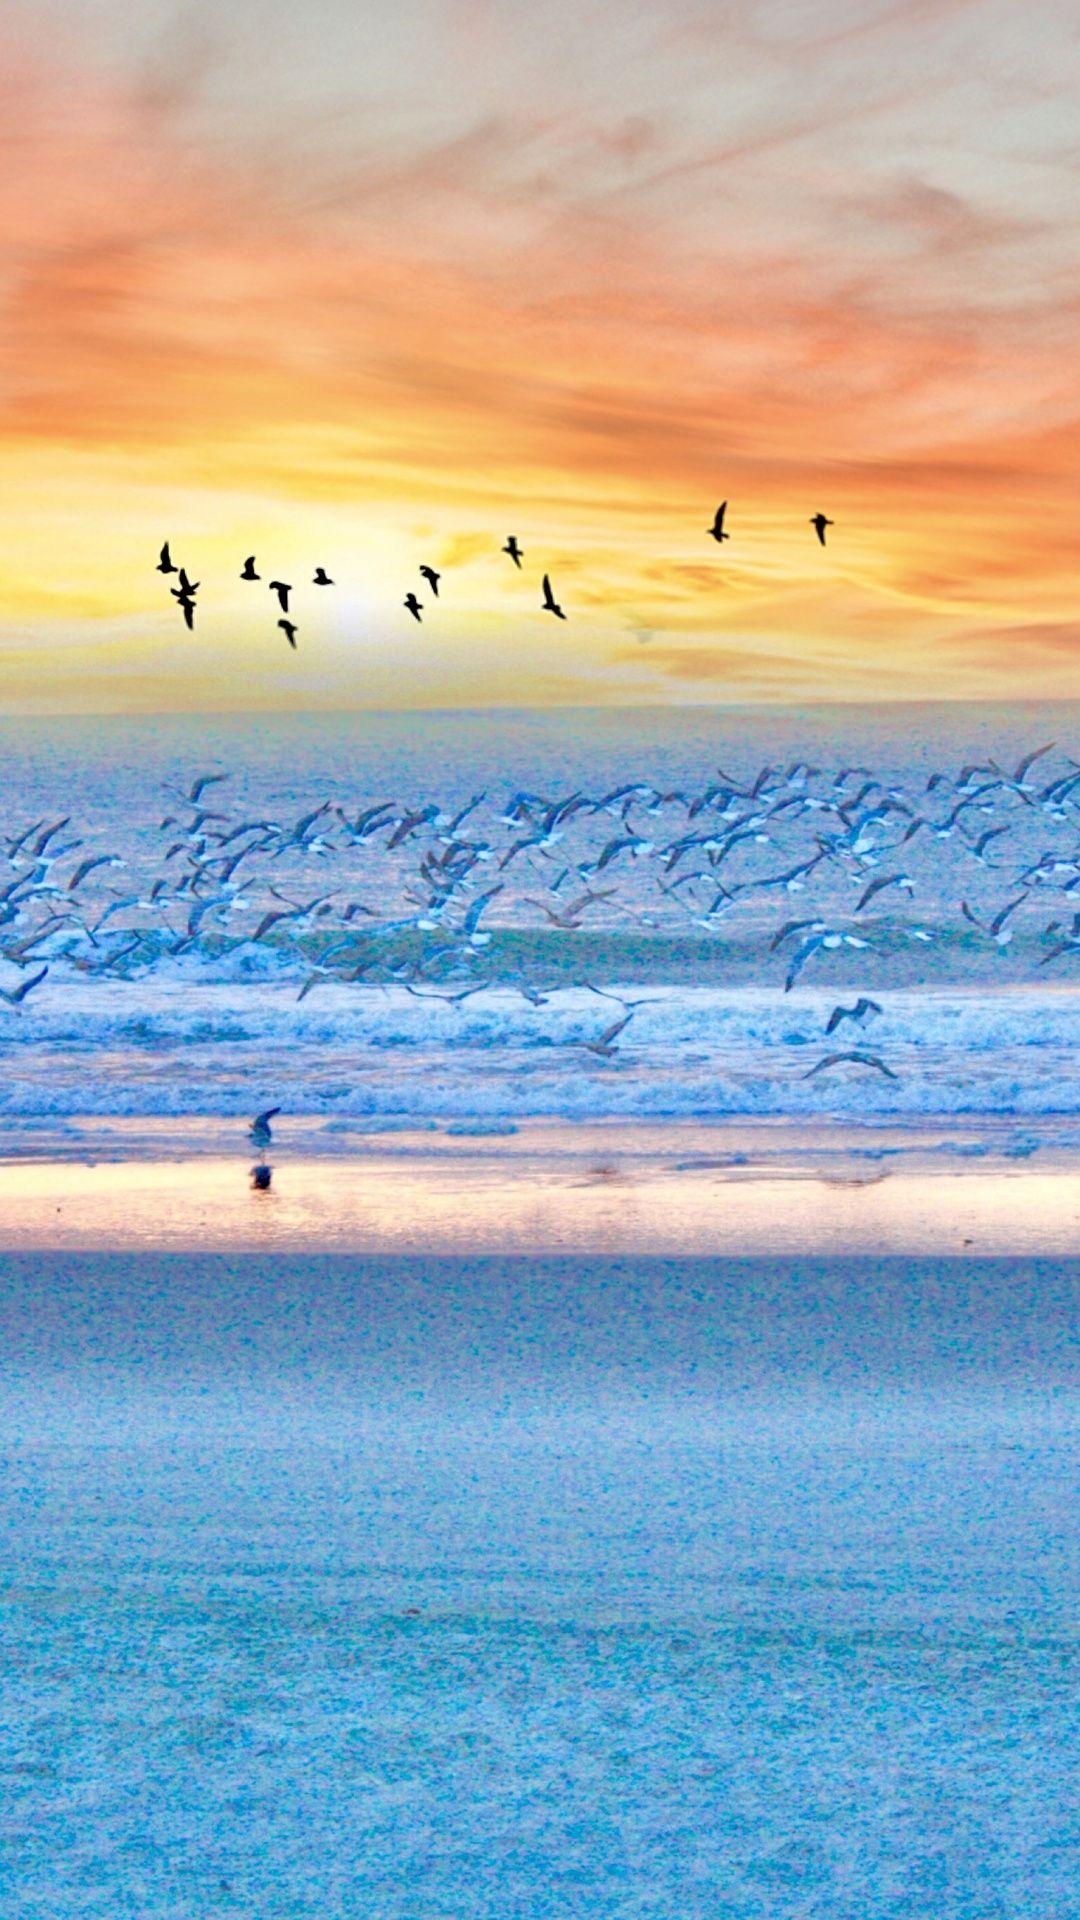 Seagulls Birds Beach Sunset Sea 1080x1920 Wallpaper Ocean Landscape Ocean Photography Beautiful Beach Pictures